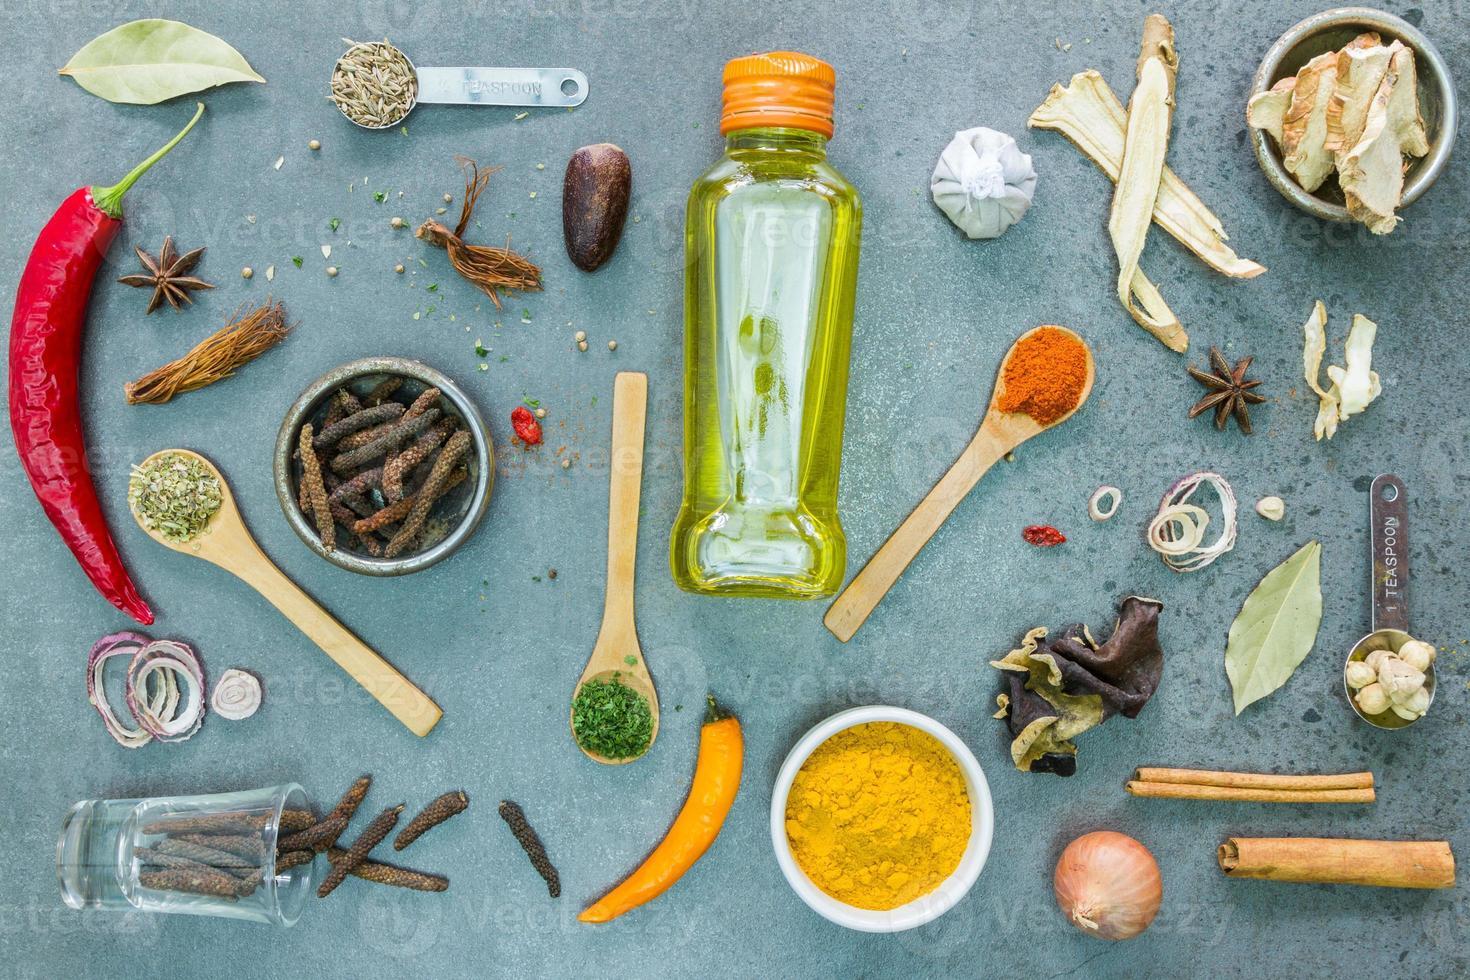 épices et herbes dans des bols en métal. photo